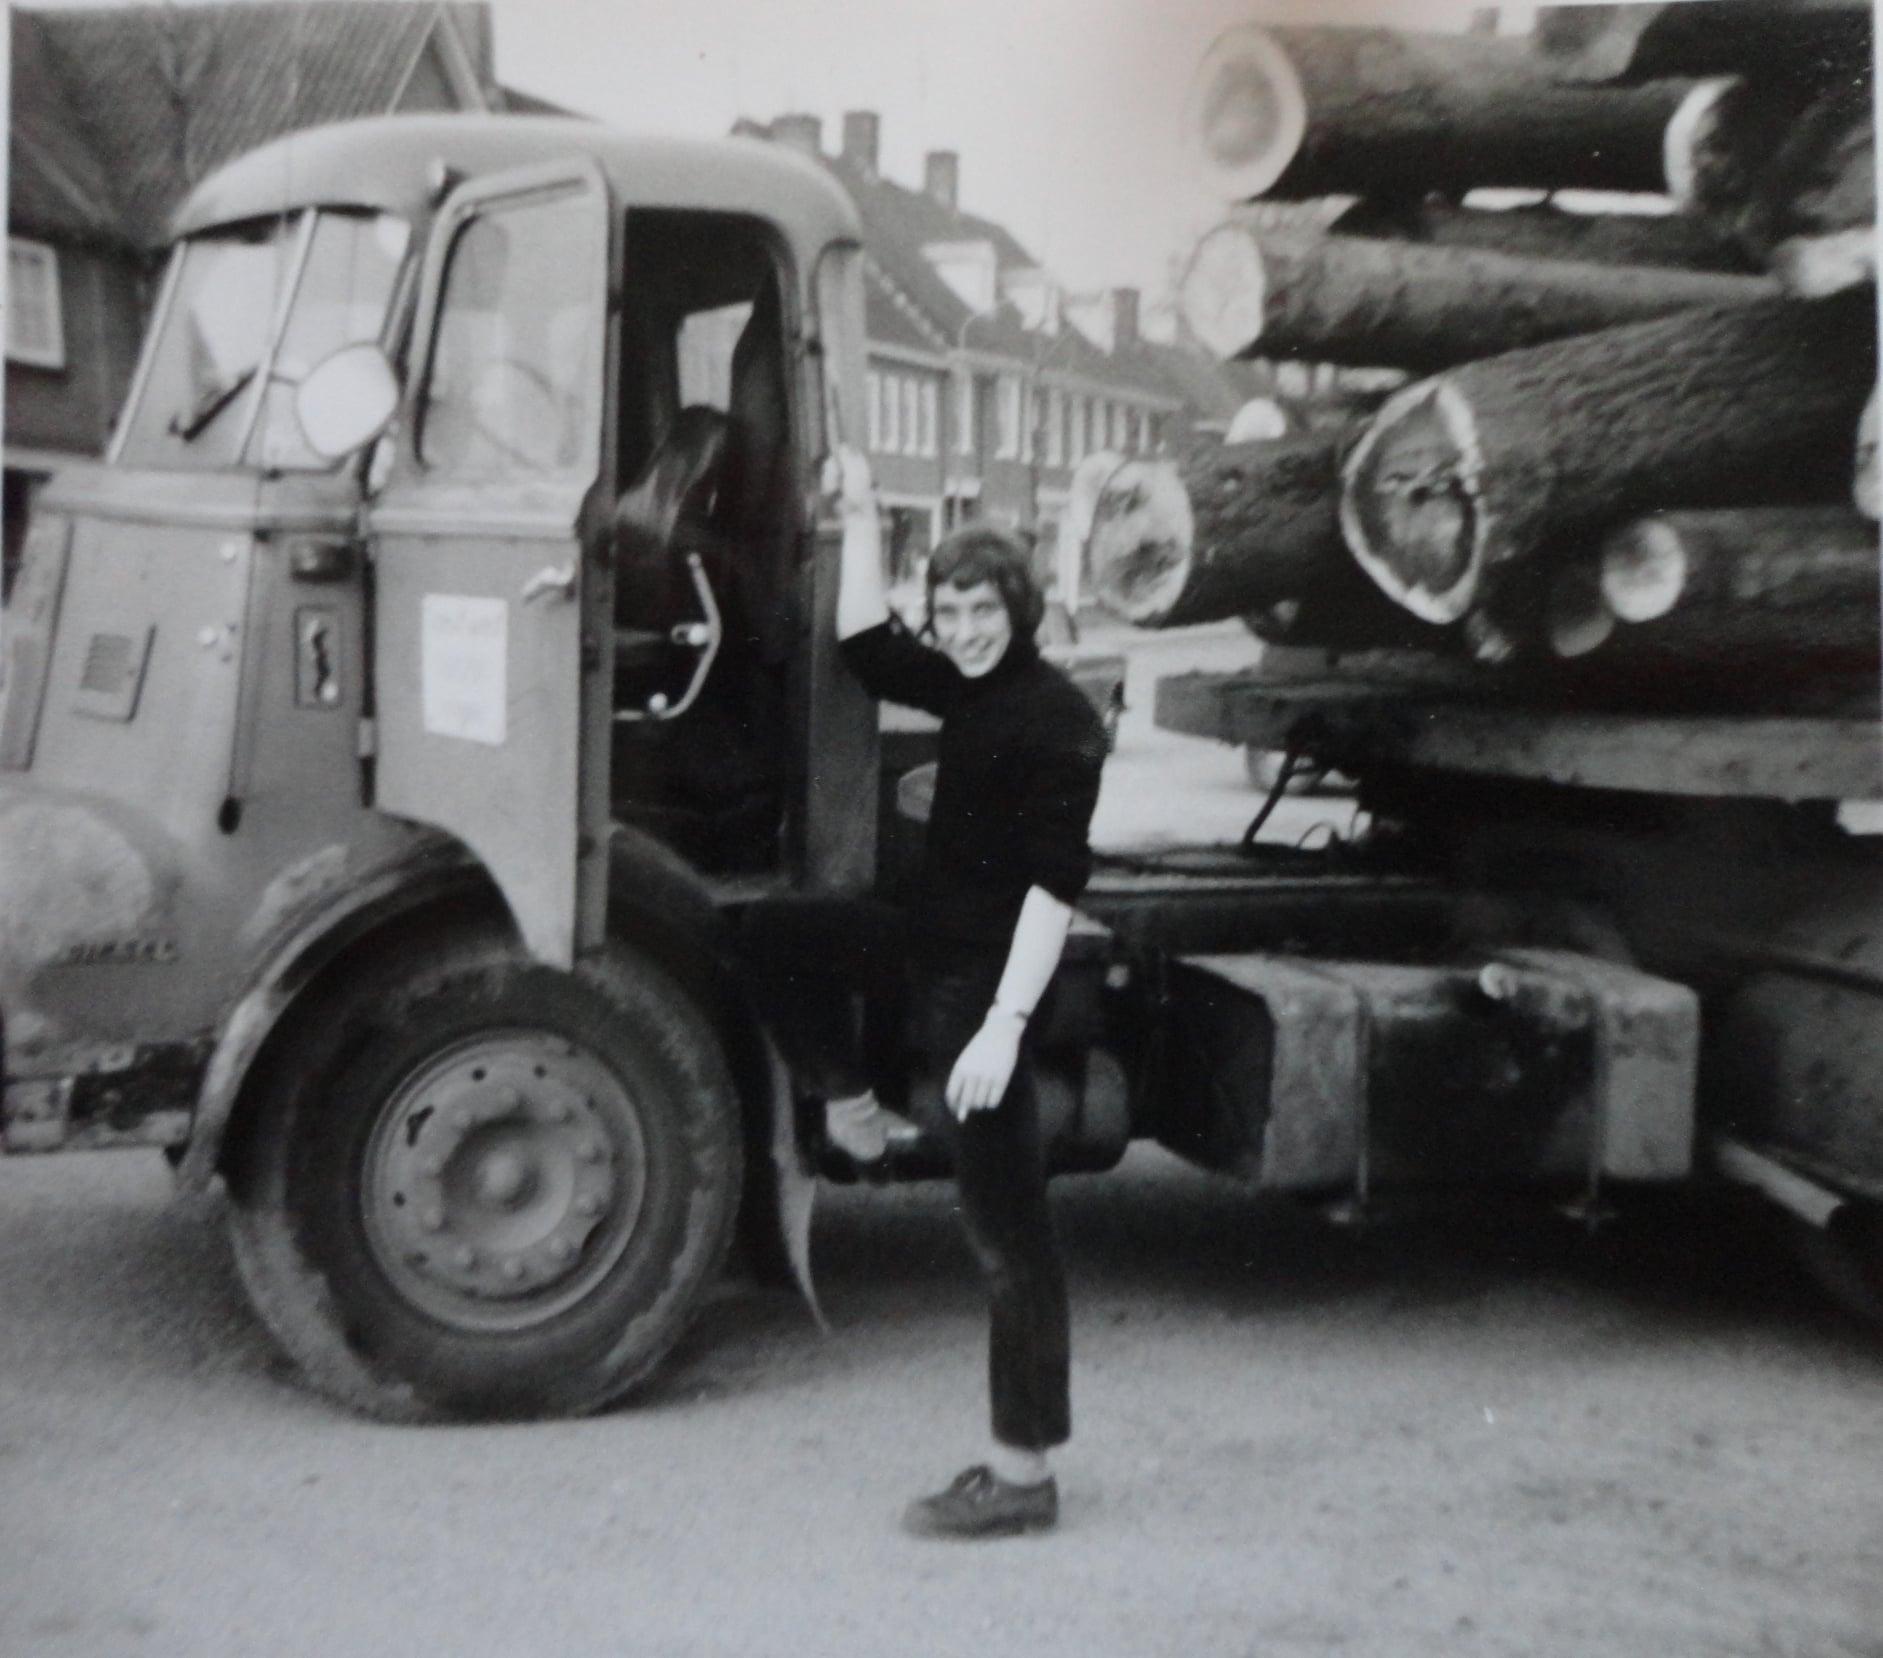 Jan-Groen-foto---laden-met-eigen-kraanwagen-chauffeur-Wim-van-Straaten--(4)